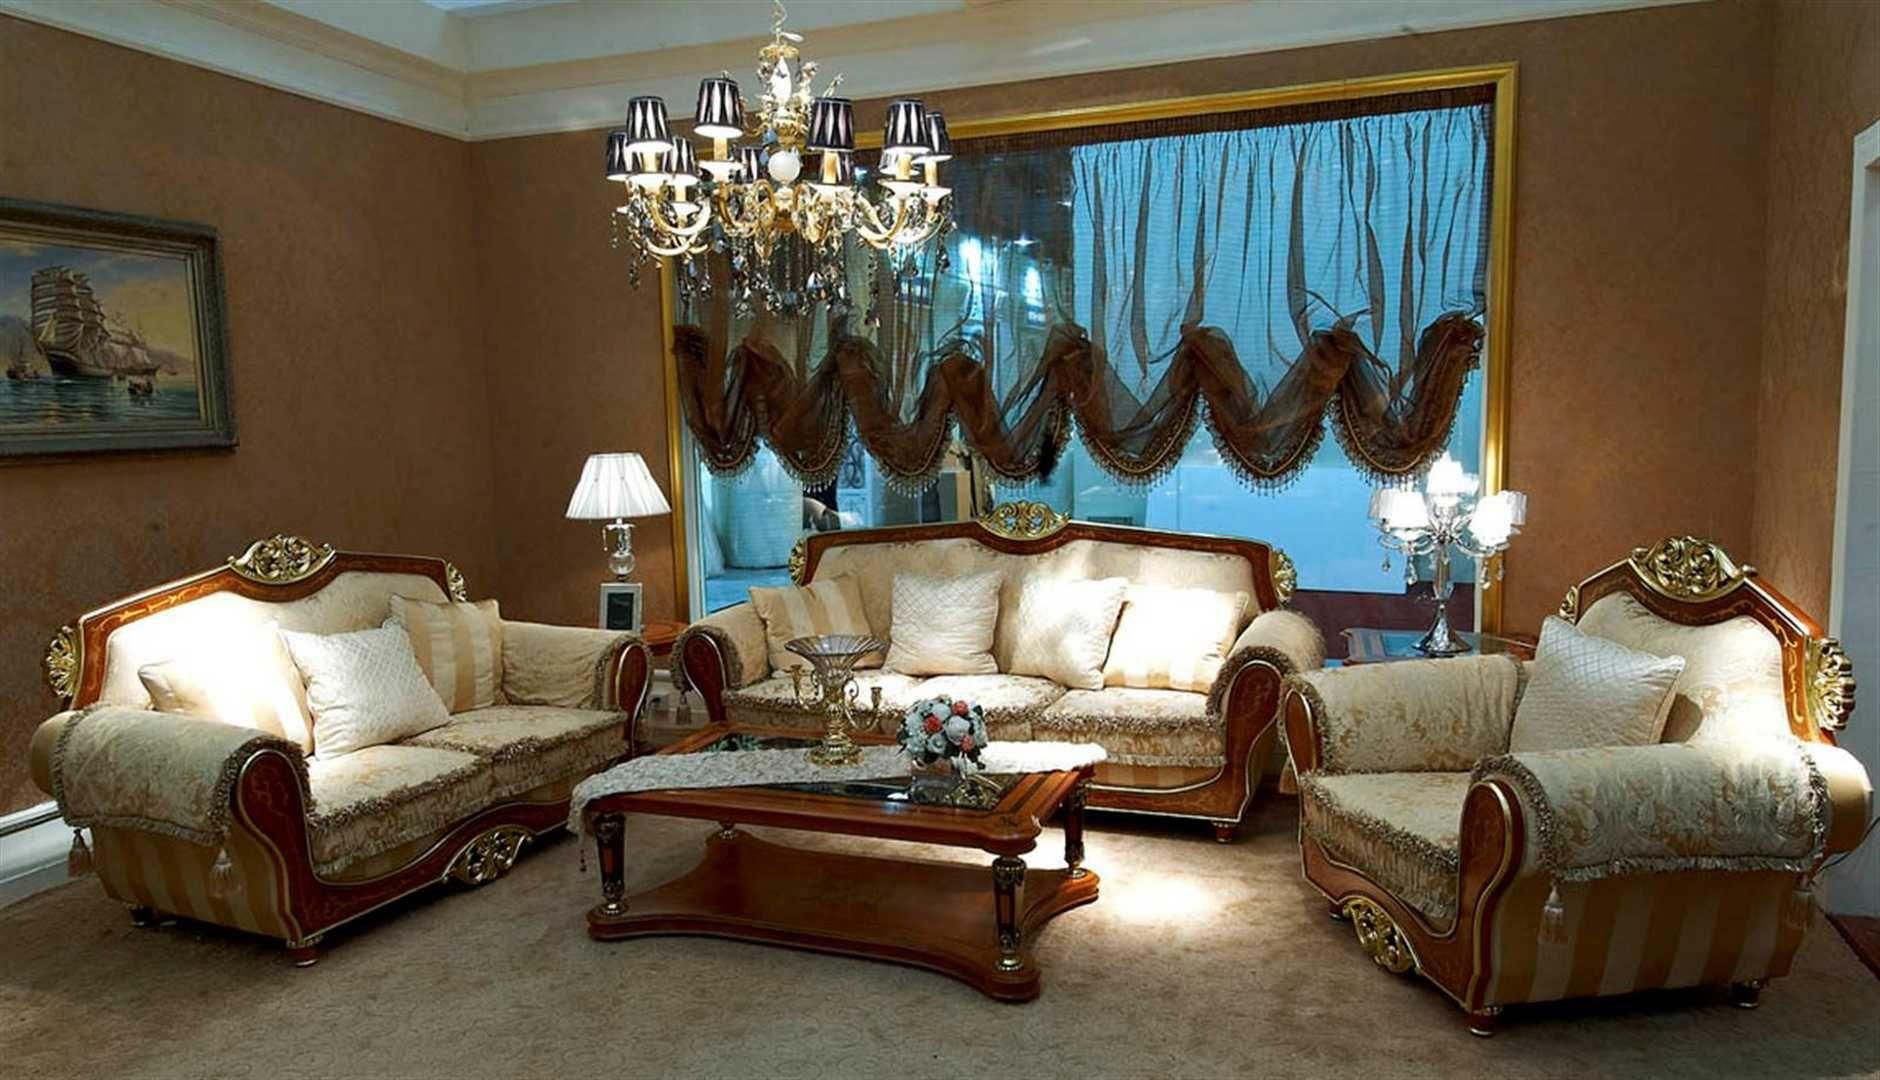 Sicily   Mondital Luxury Italian Furniture Stores   Italian furniture stores, Italian sofa ...